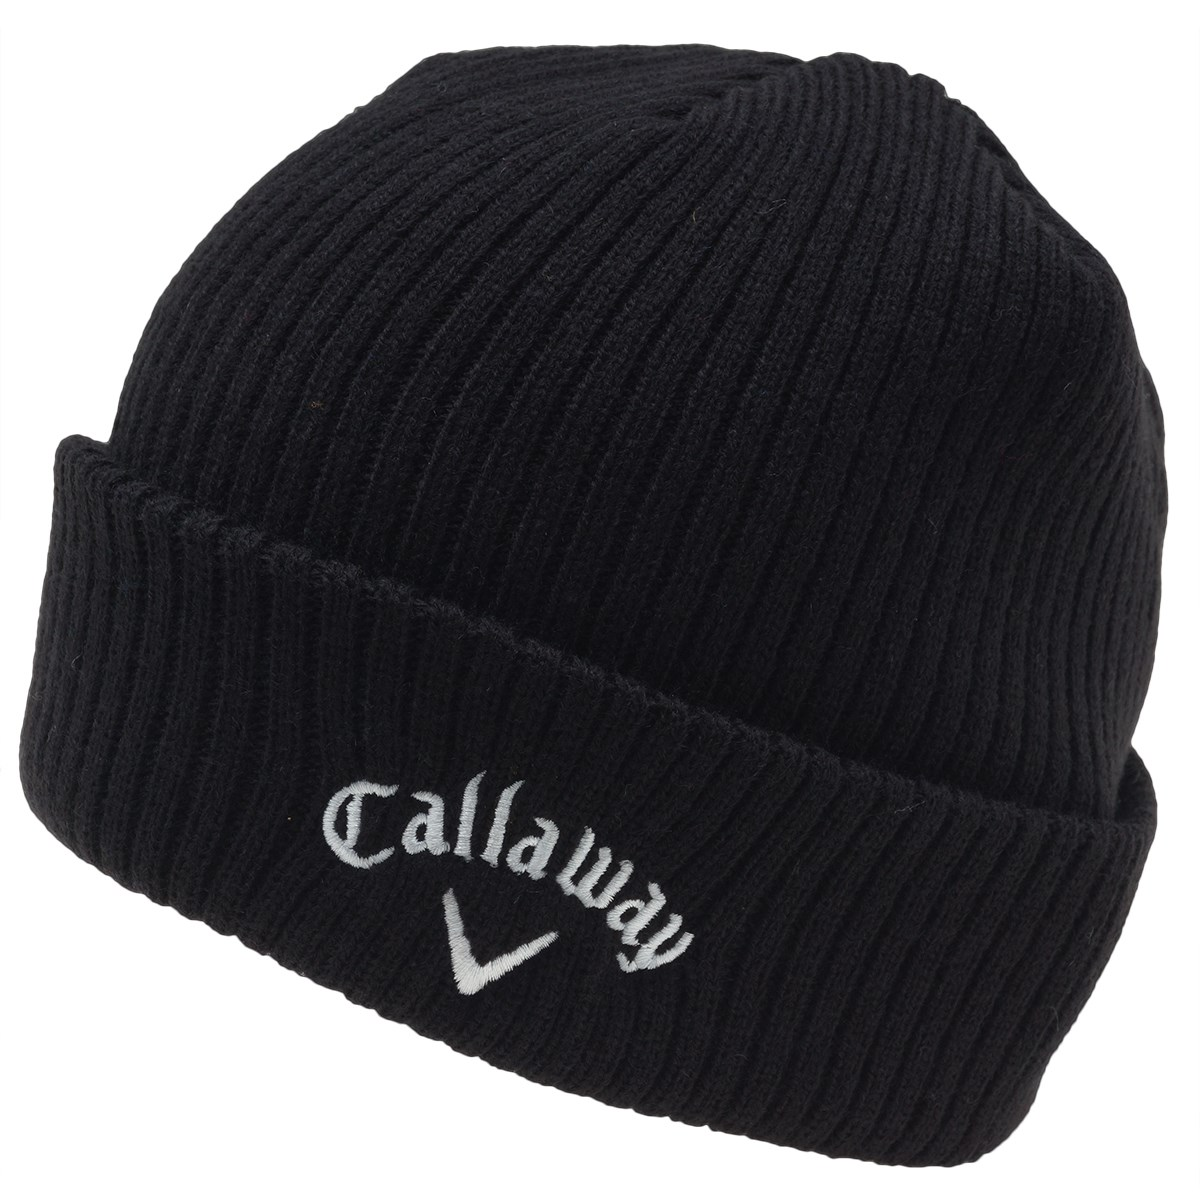 キャロウェイゴルフ(Callaway Golf) リブニットキャップ